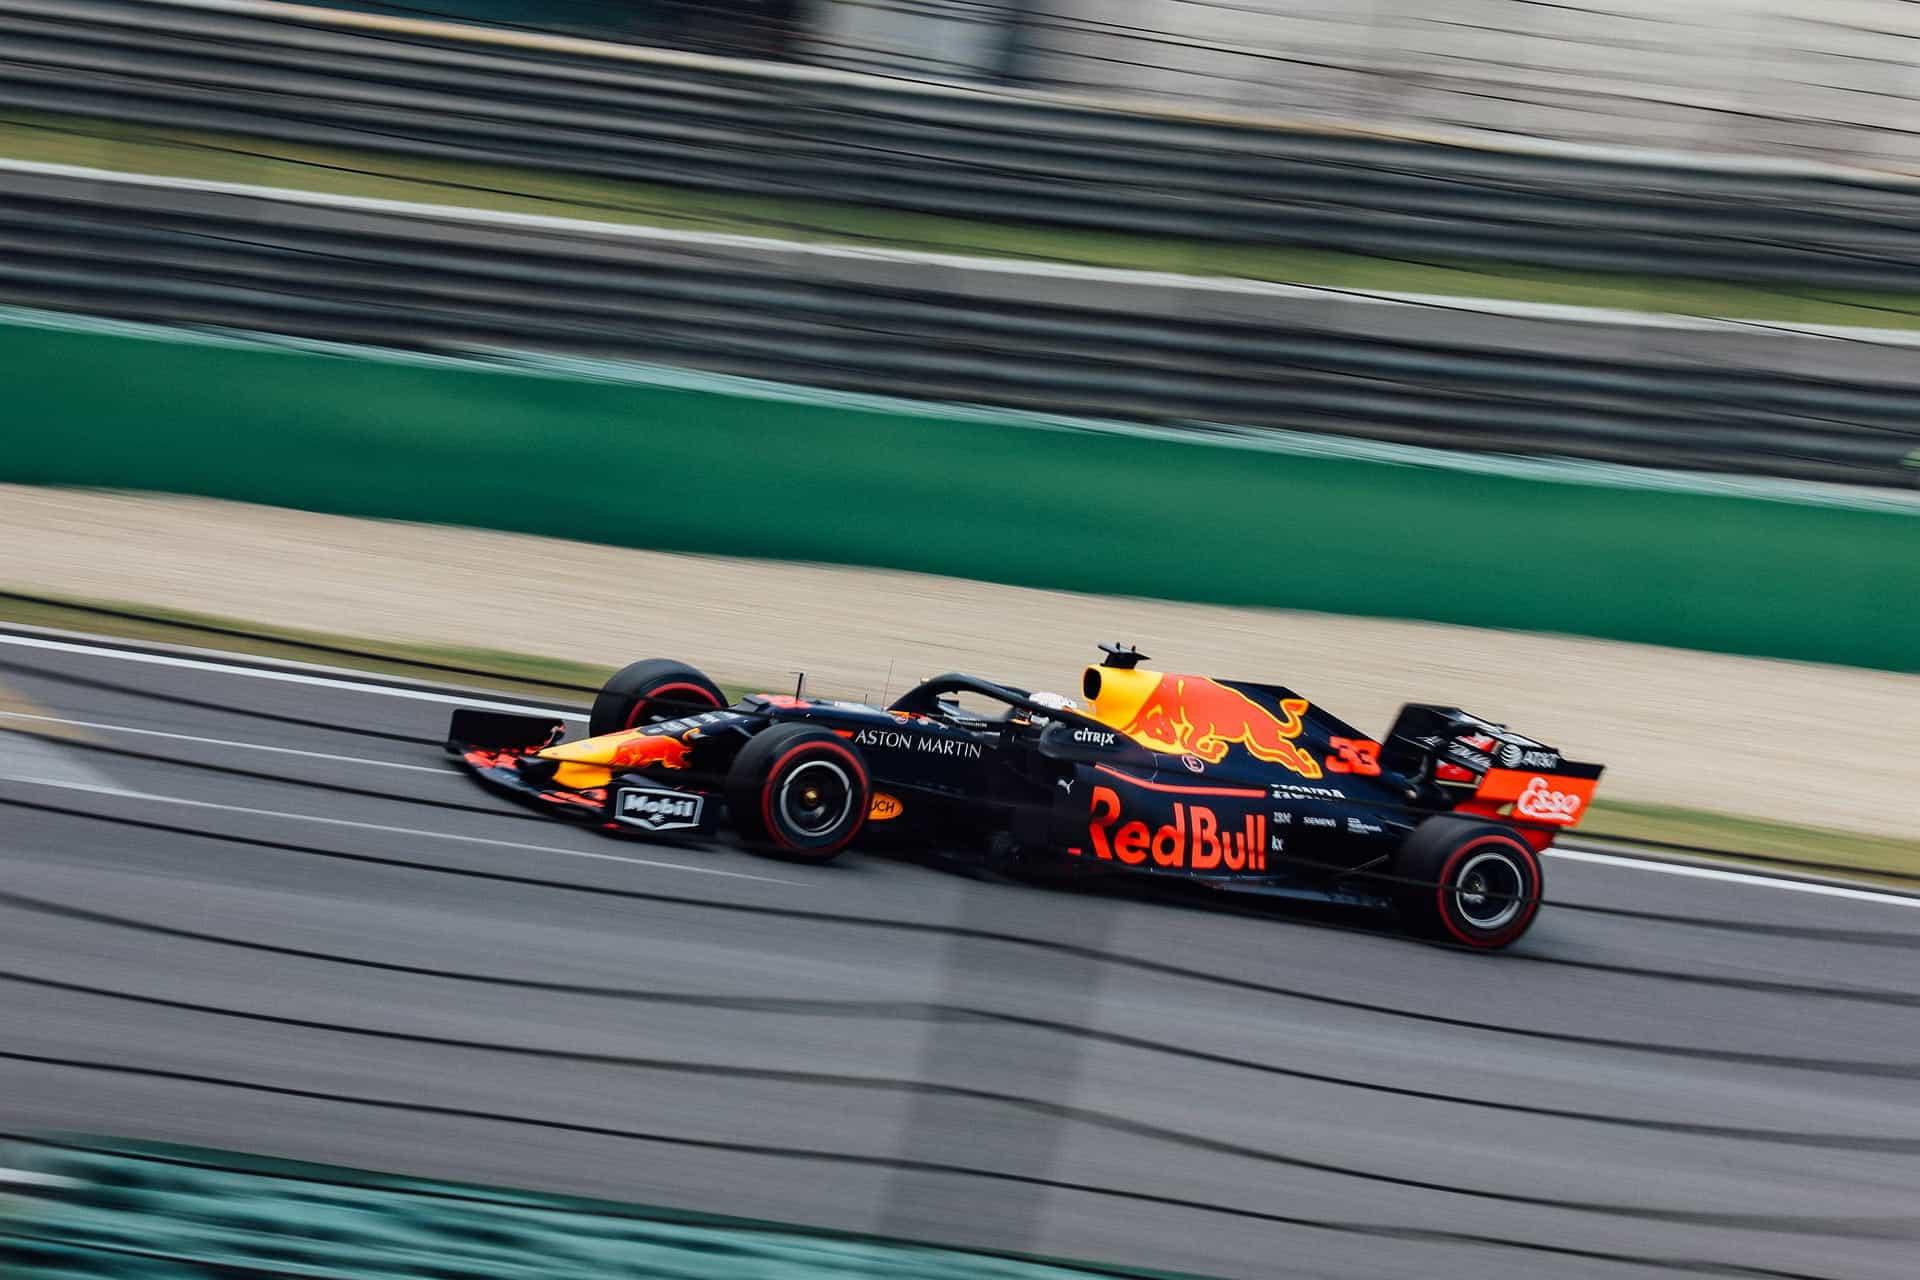 Sebuah mobil balap F1 Red Bull.